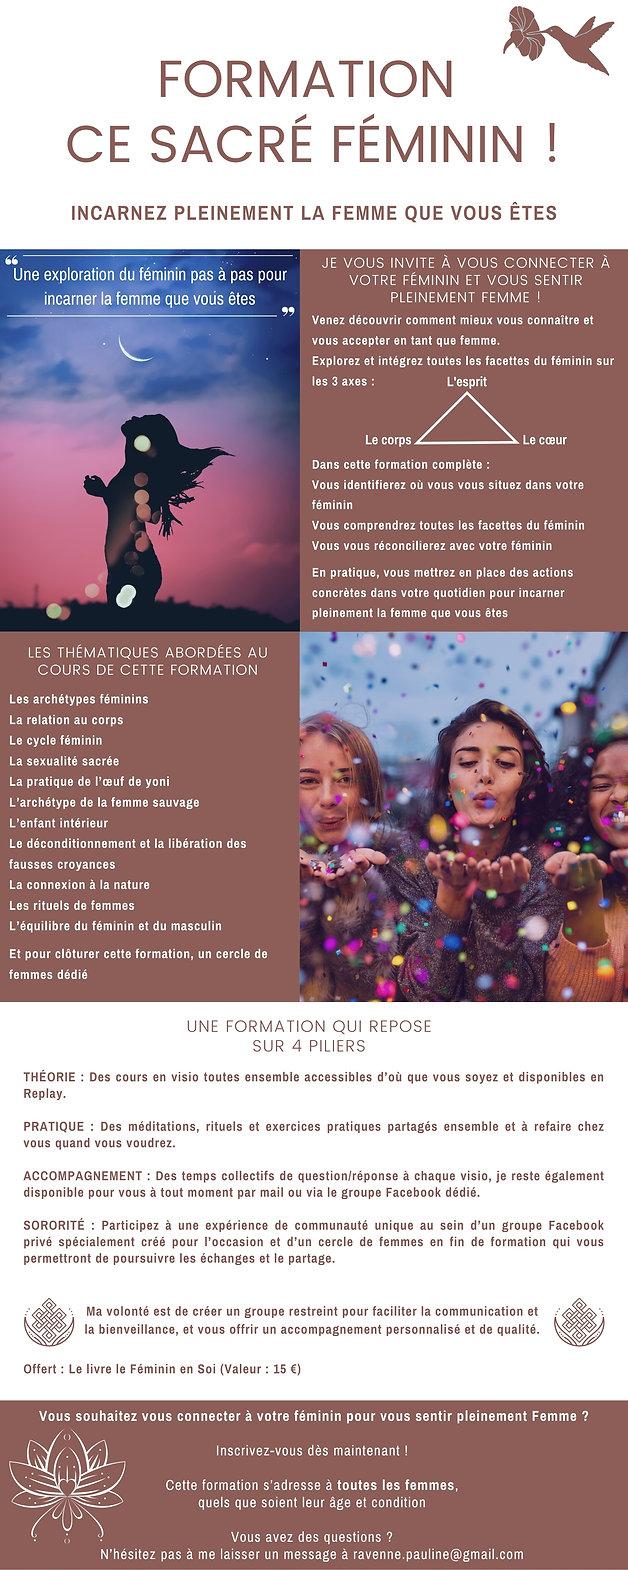 P Ravenne - Sacré féminin infographie.jpg